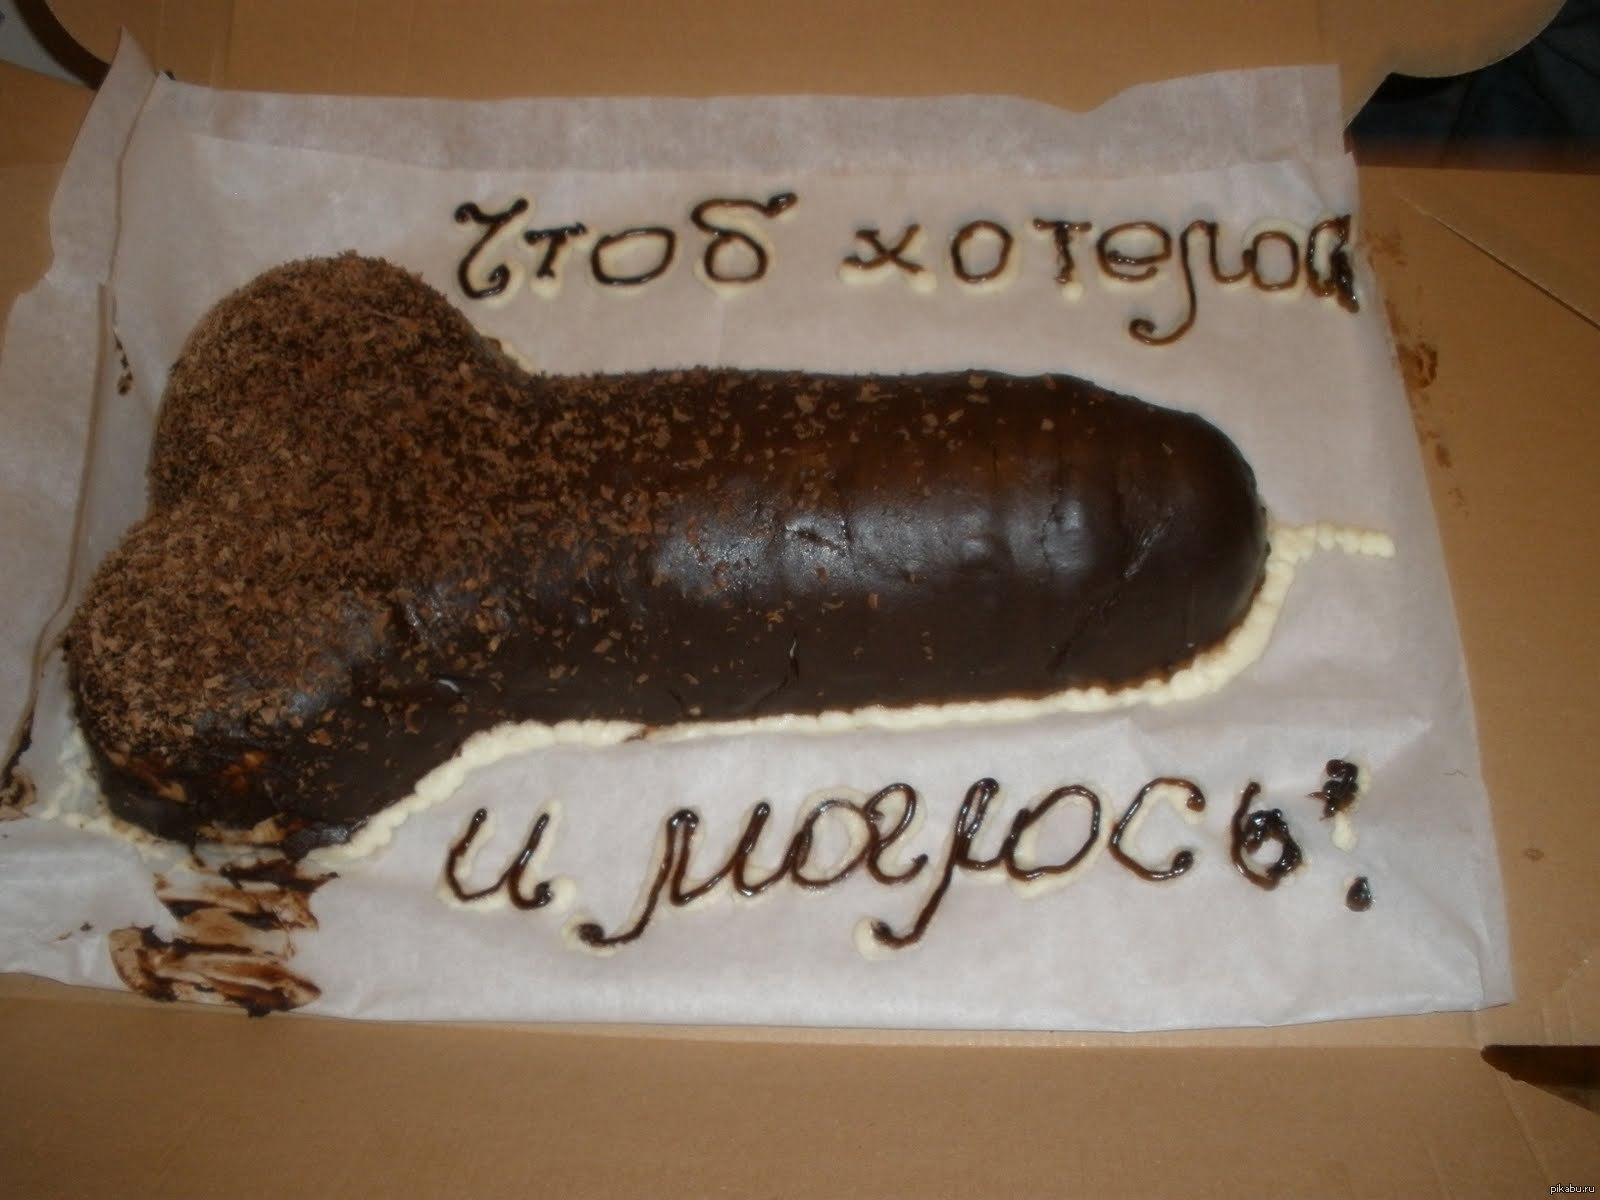 Фото вагина торт, Эротический Торт Вагина вес торта НА фото 23 фотография